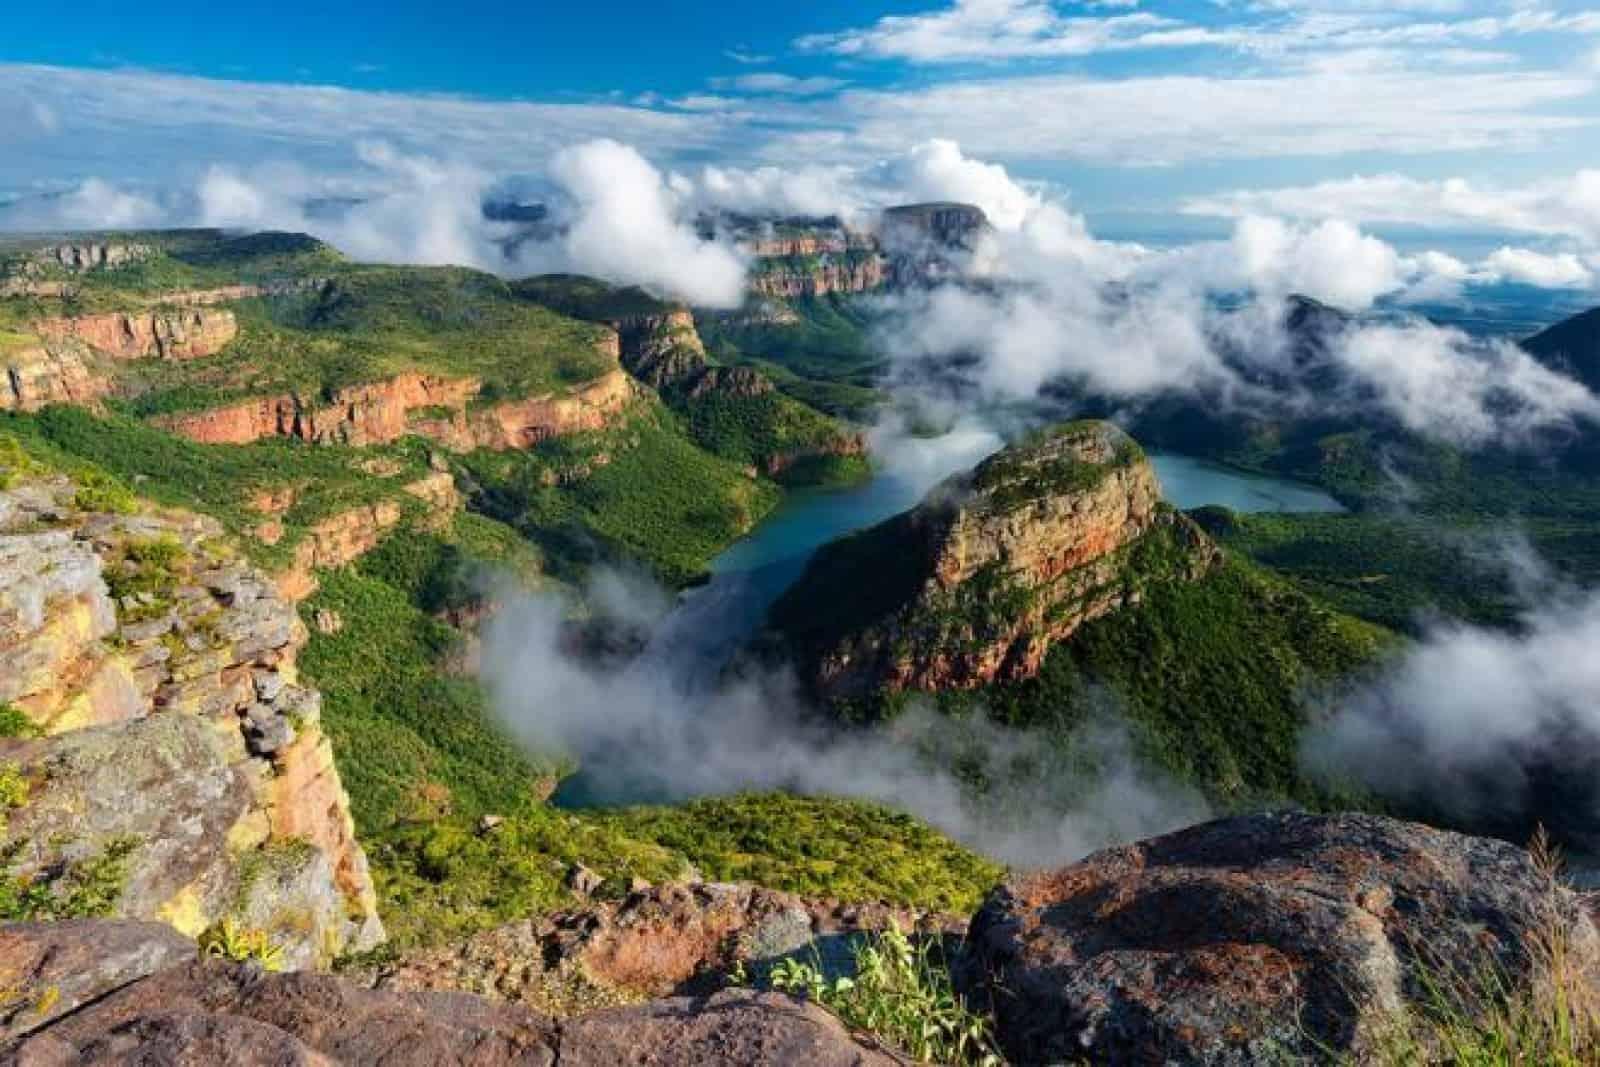 الطبيعة البرية في جنوب أفريقيا